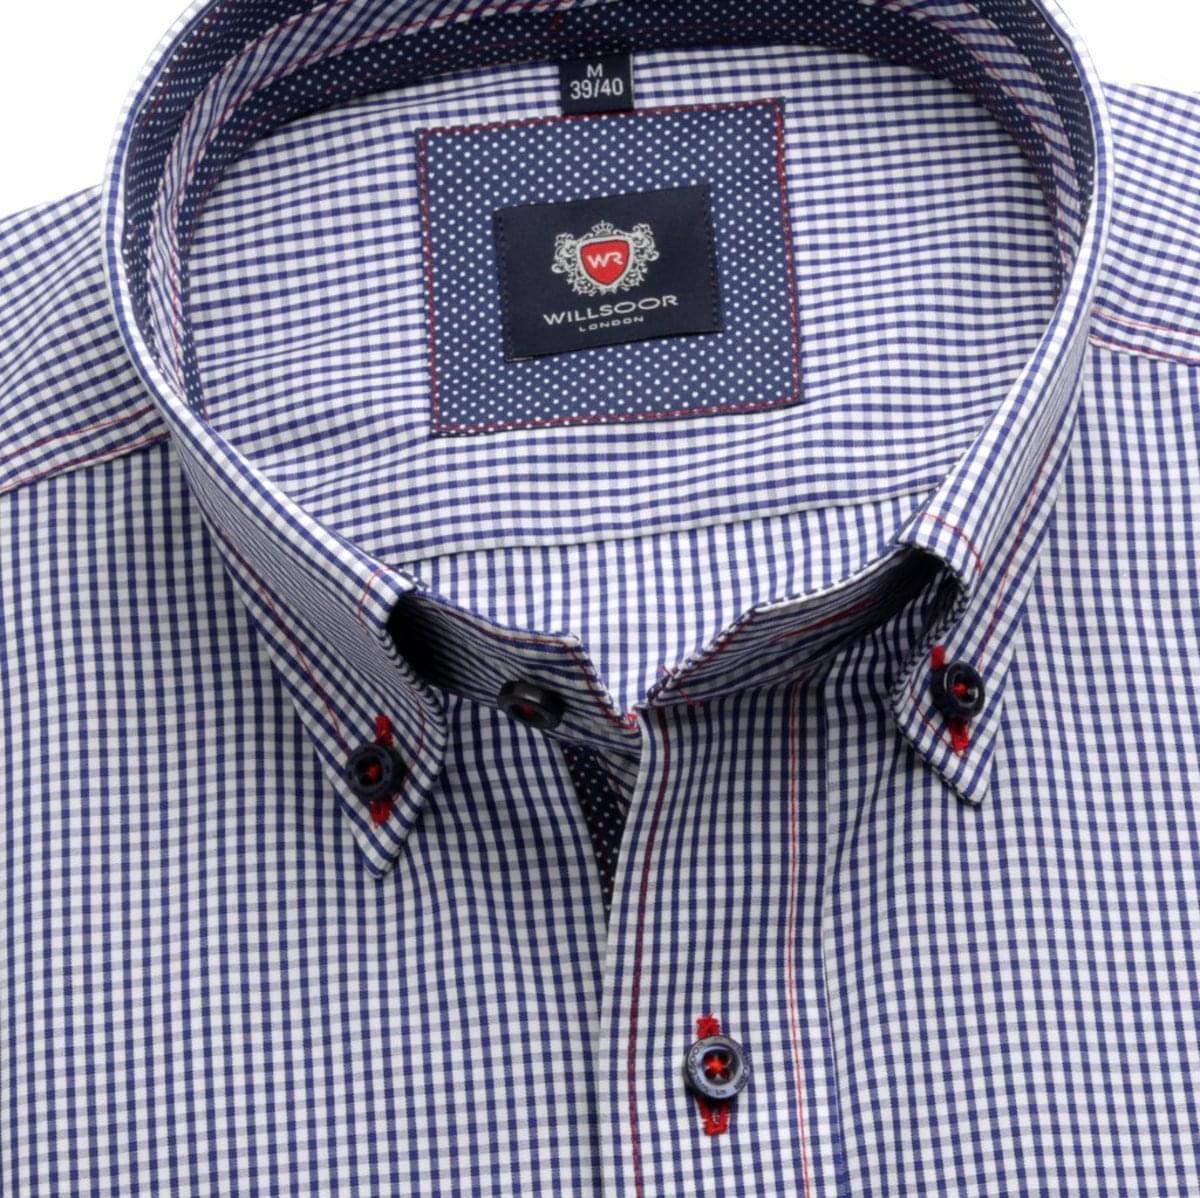 Pánská slim fit košile London (výška 176-182) 6078 s bílo-modrou kostkou a formulí Easy Care 176-182 / L (41/42)